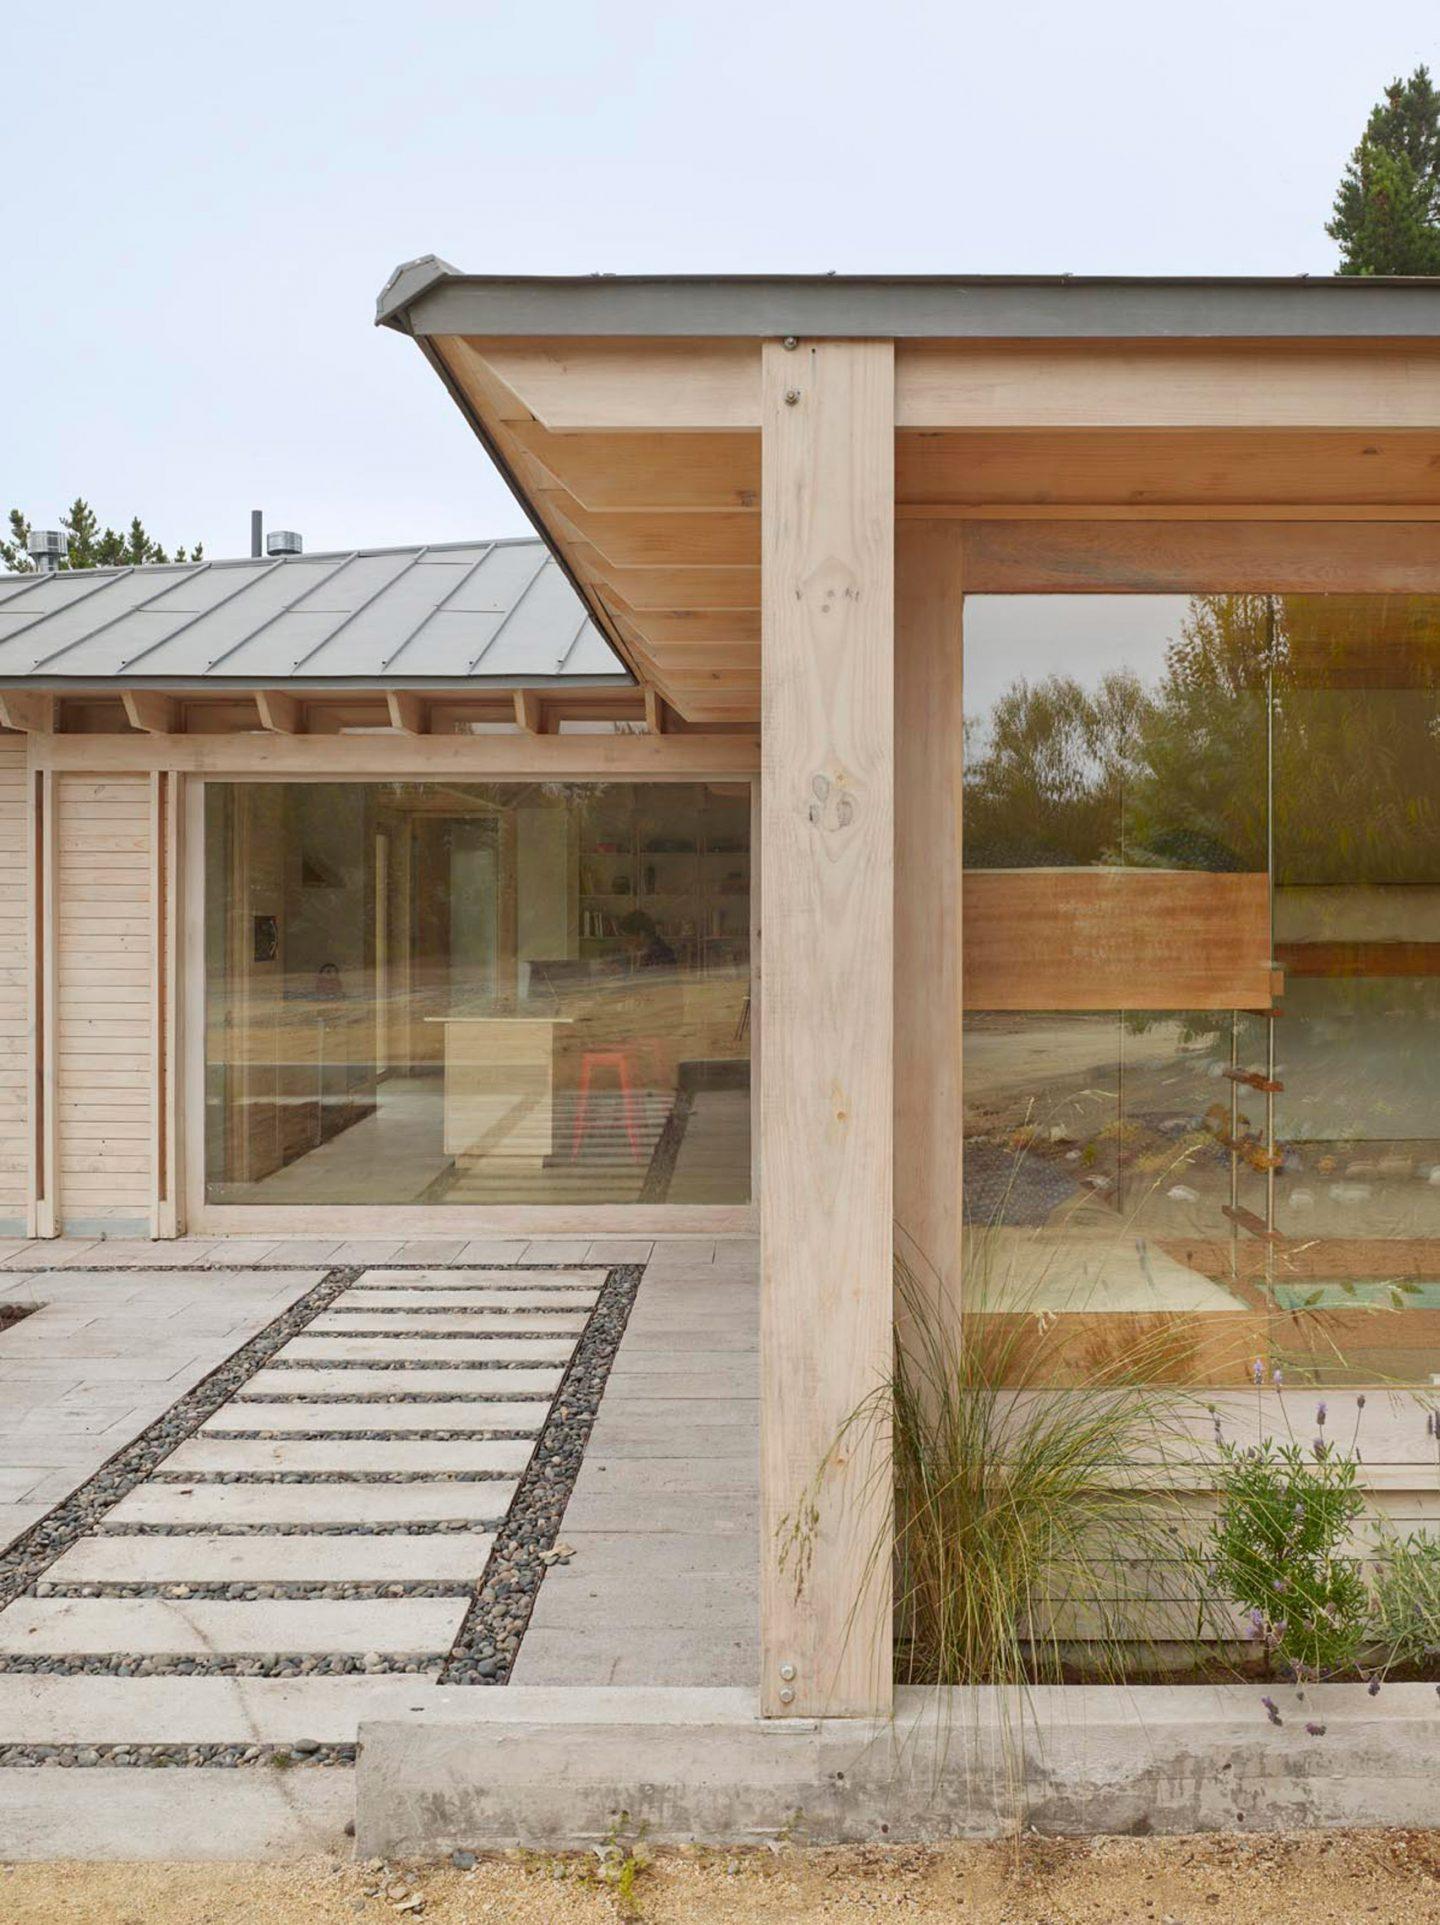 IGNANT-Architecture-Cristian-Izquierdo-House-In-Peumo-2